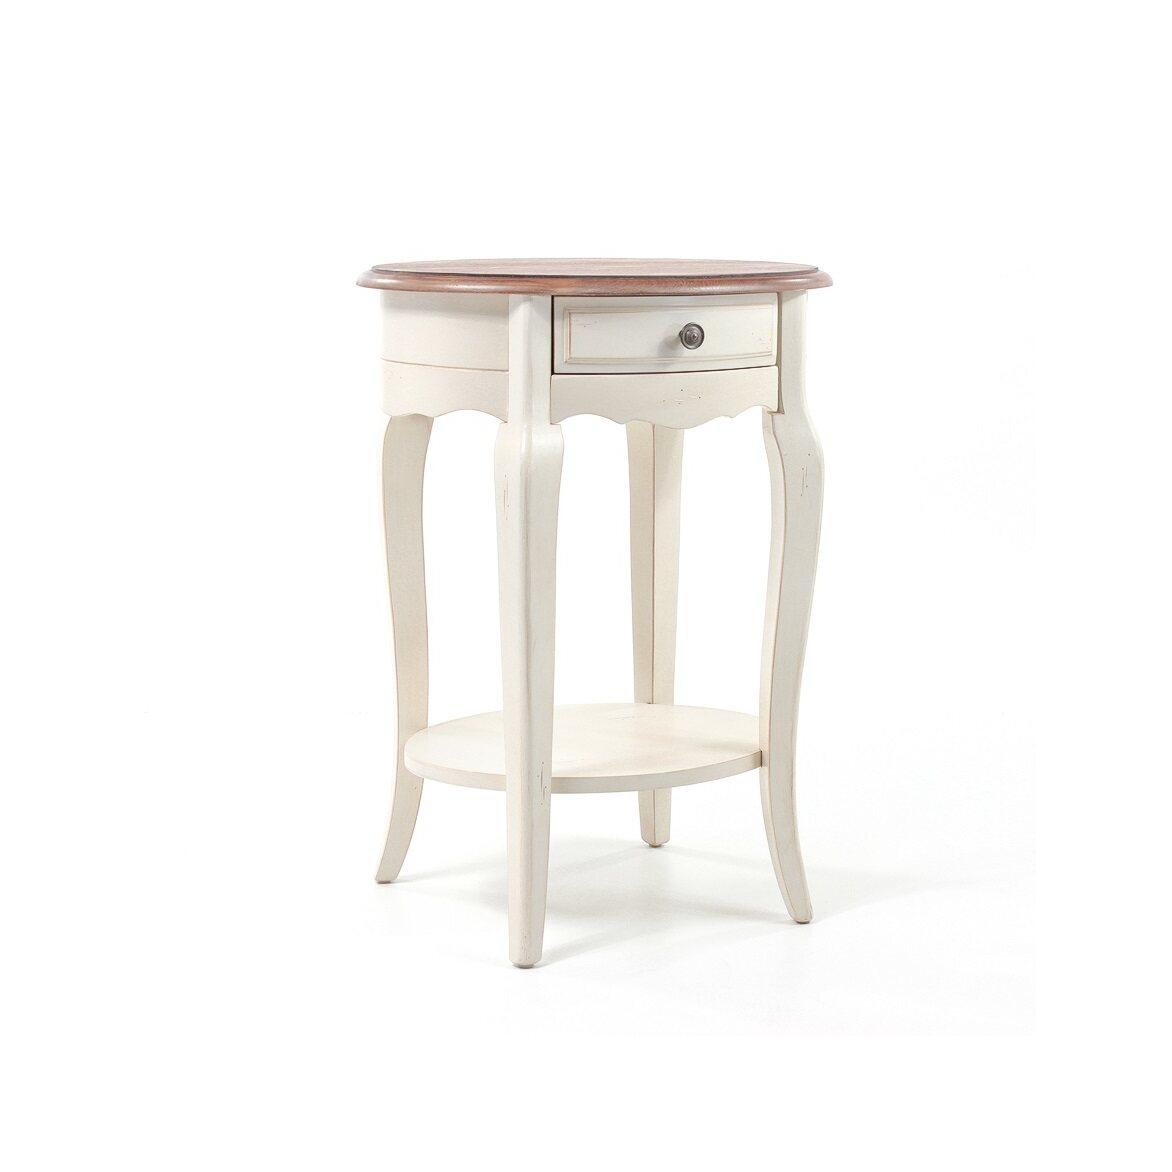 Прикроватная тумба овальная (приставной столик) Leontina, бежевого цвета | Прикроватные тумбы Kingsby